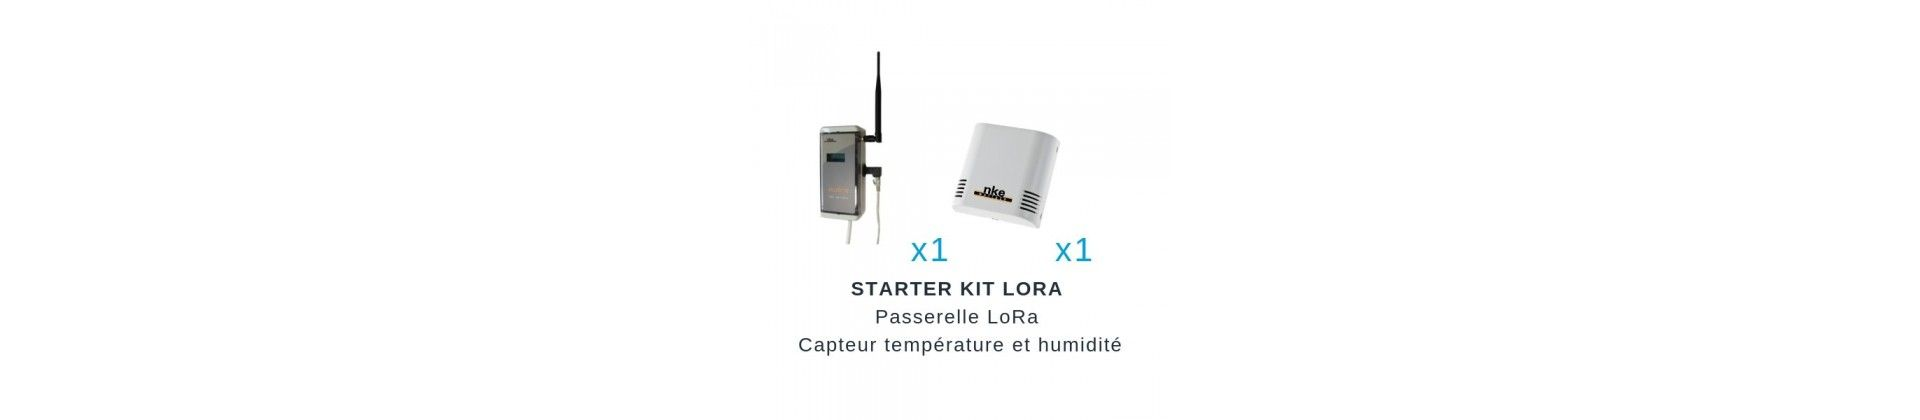 Starter Kit IoT